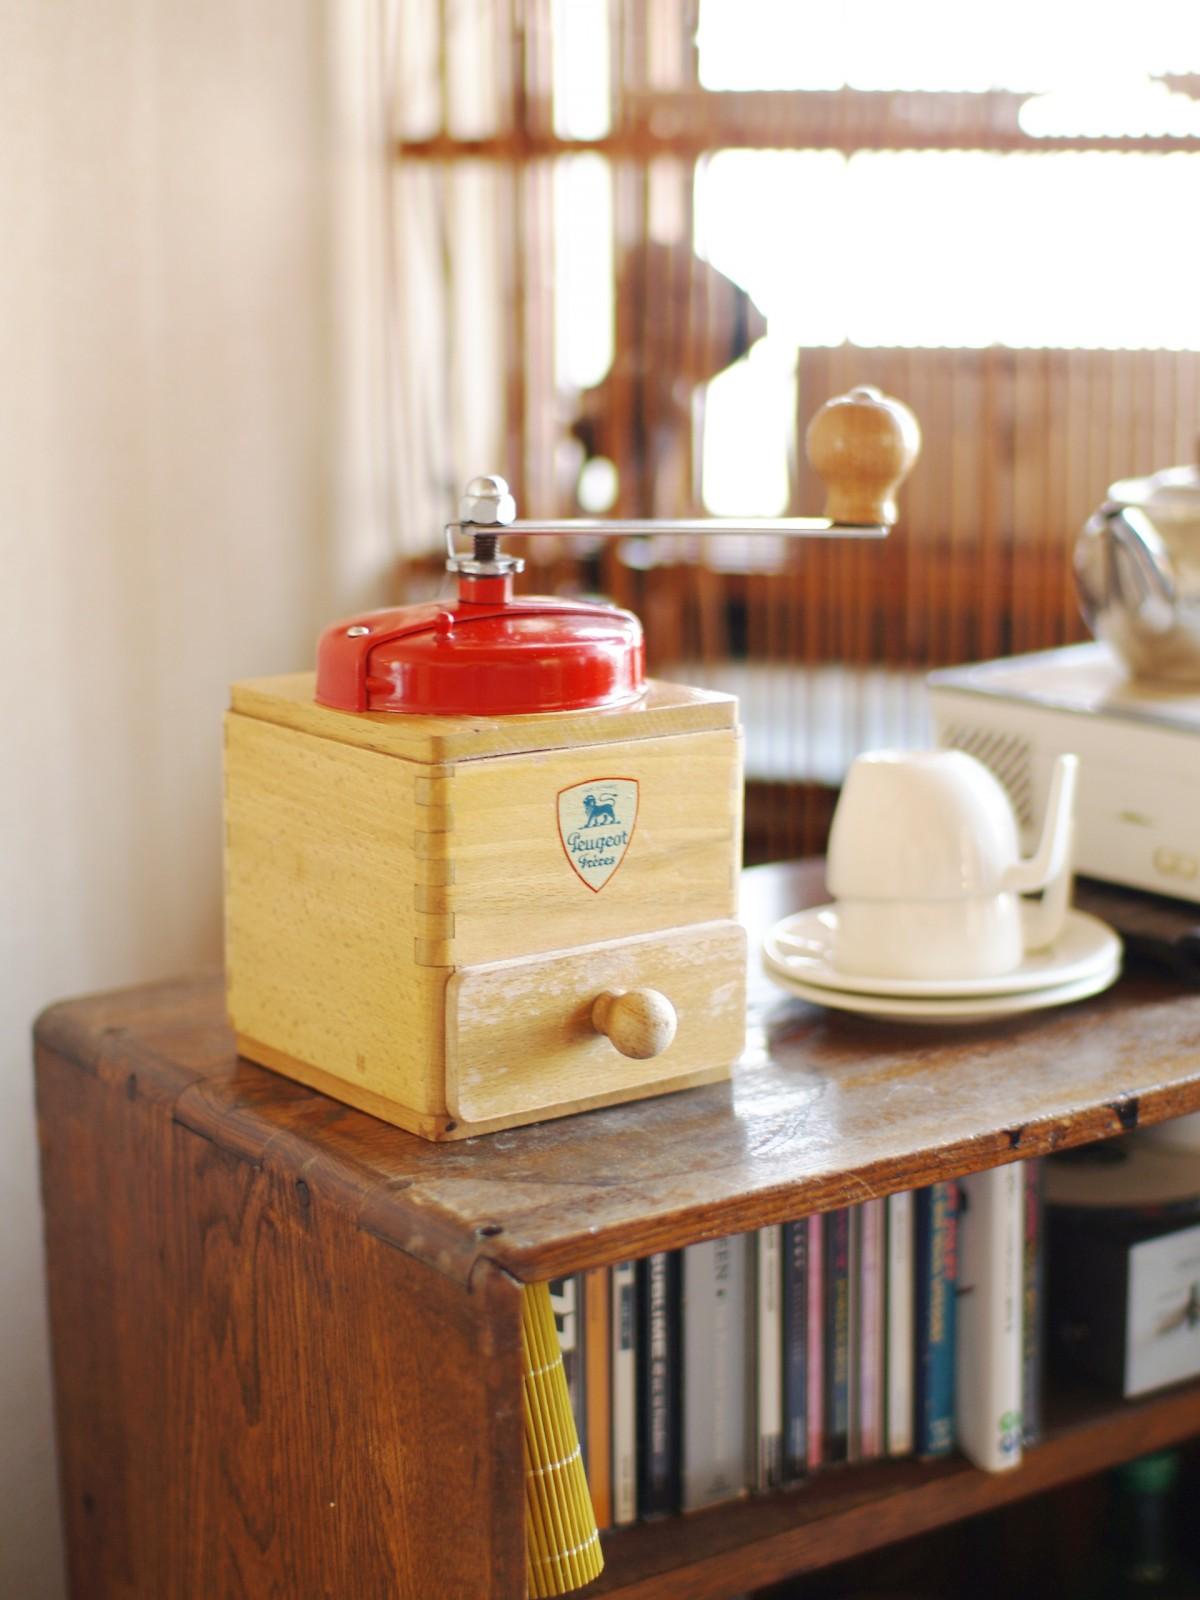 kostenlose foto tabelle cafe kaffee holz retro tasse regal m bel zimmer m hle regale. Black Bedroom Furniture Sets. Home Design Ideas